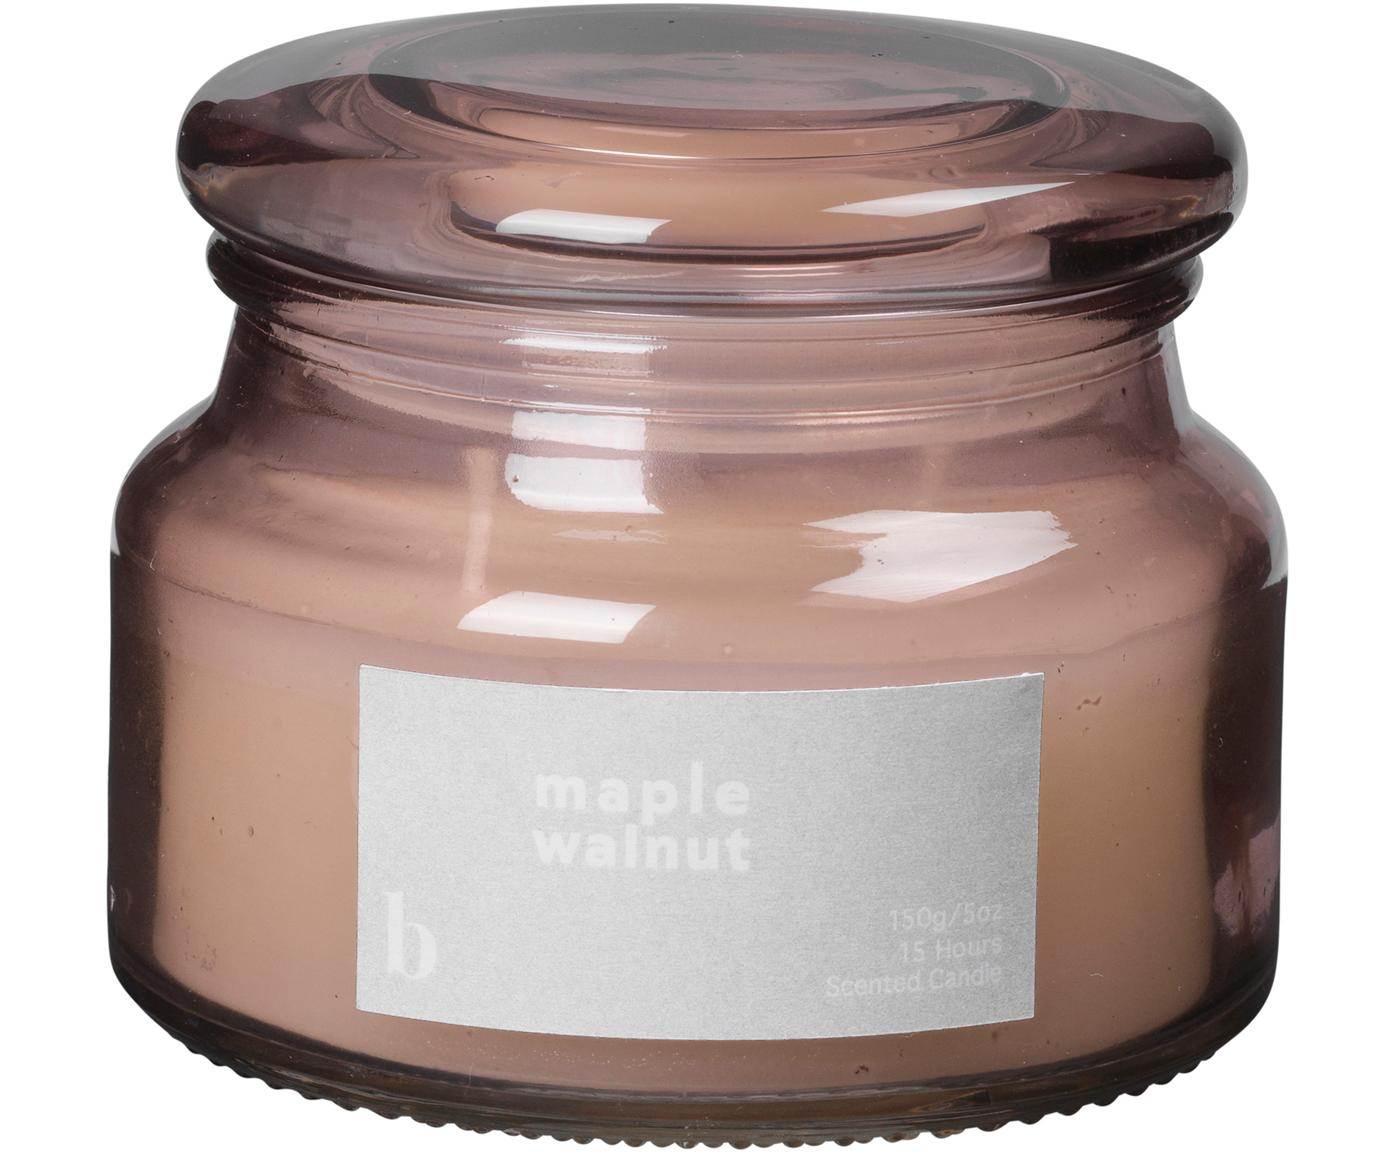 Geurkaars Maple Walnut, Houder: glas, Oudroze, Ø 10 cm